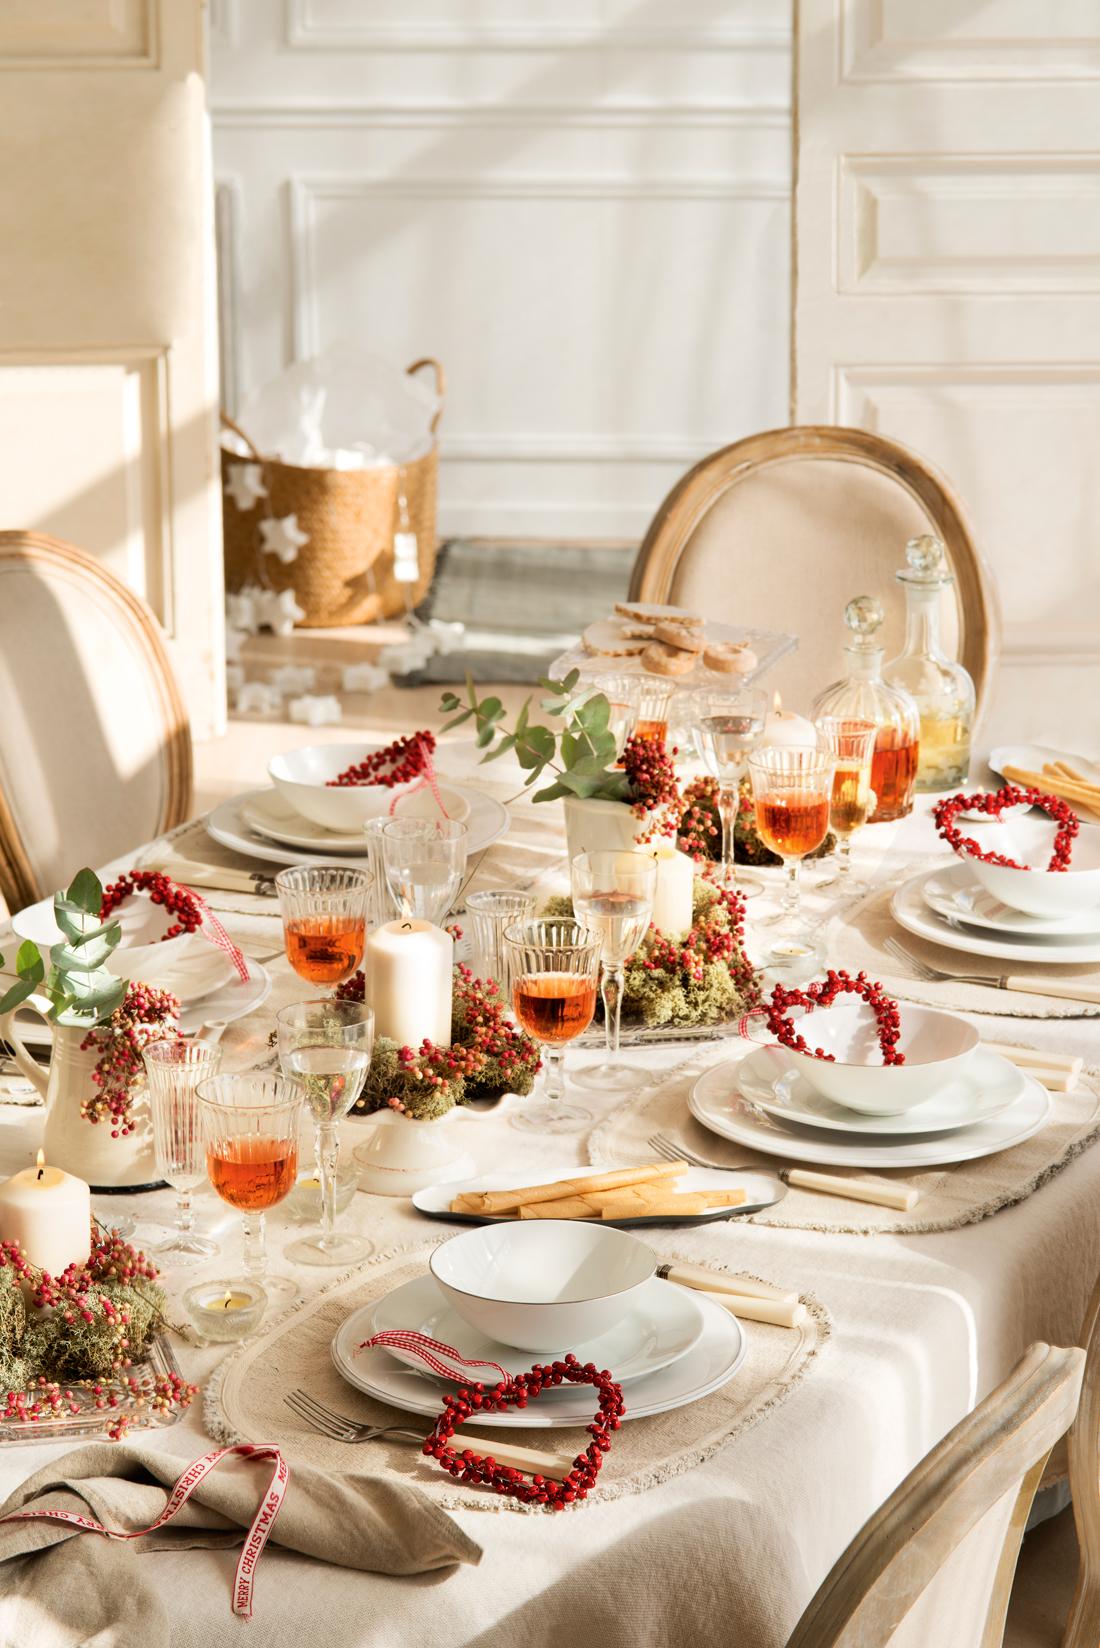 C mo decorar la mesa de navidad - Decoracion mesa de navidad ...